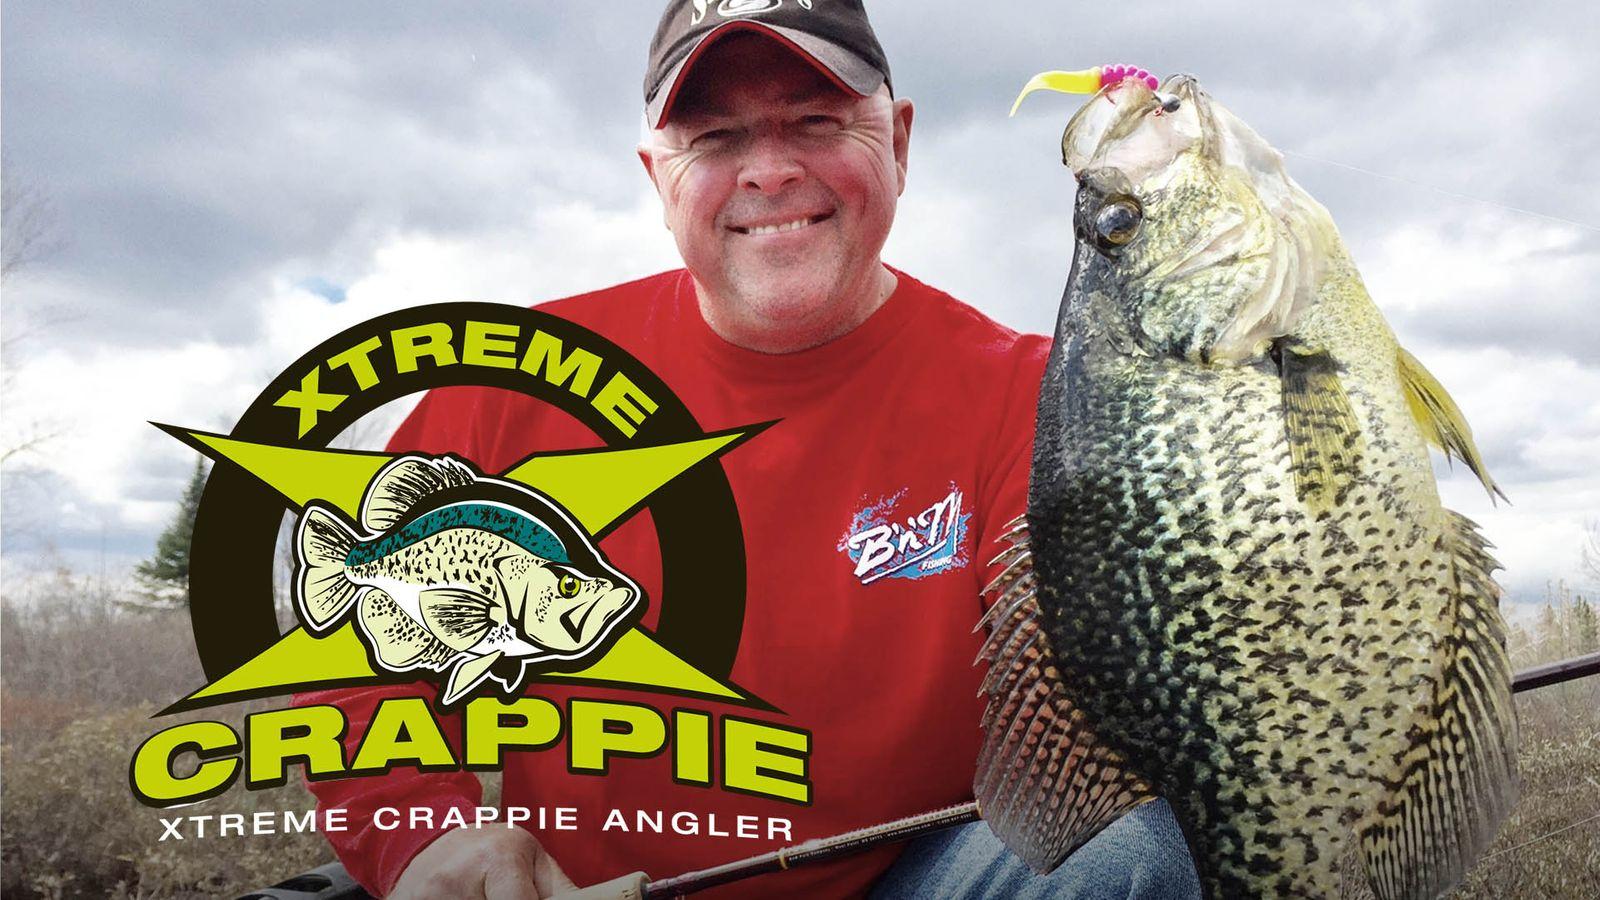 Xtreme Crappie Angler | myoutdoortv